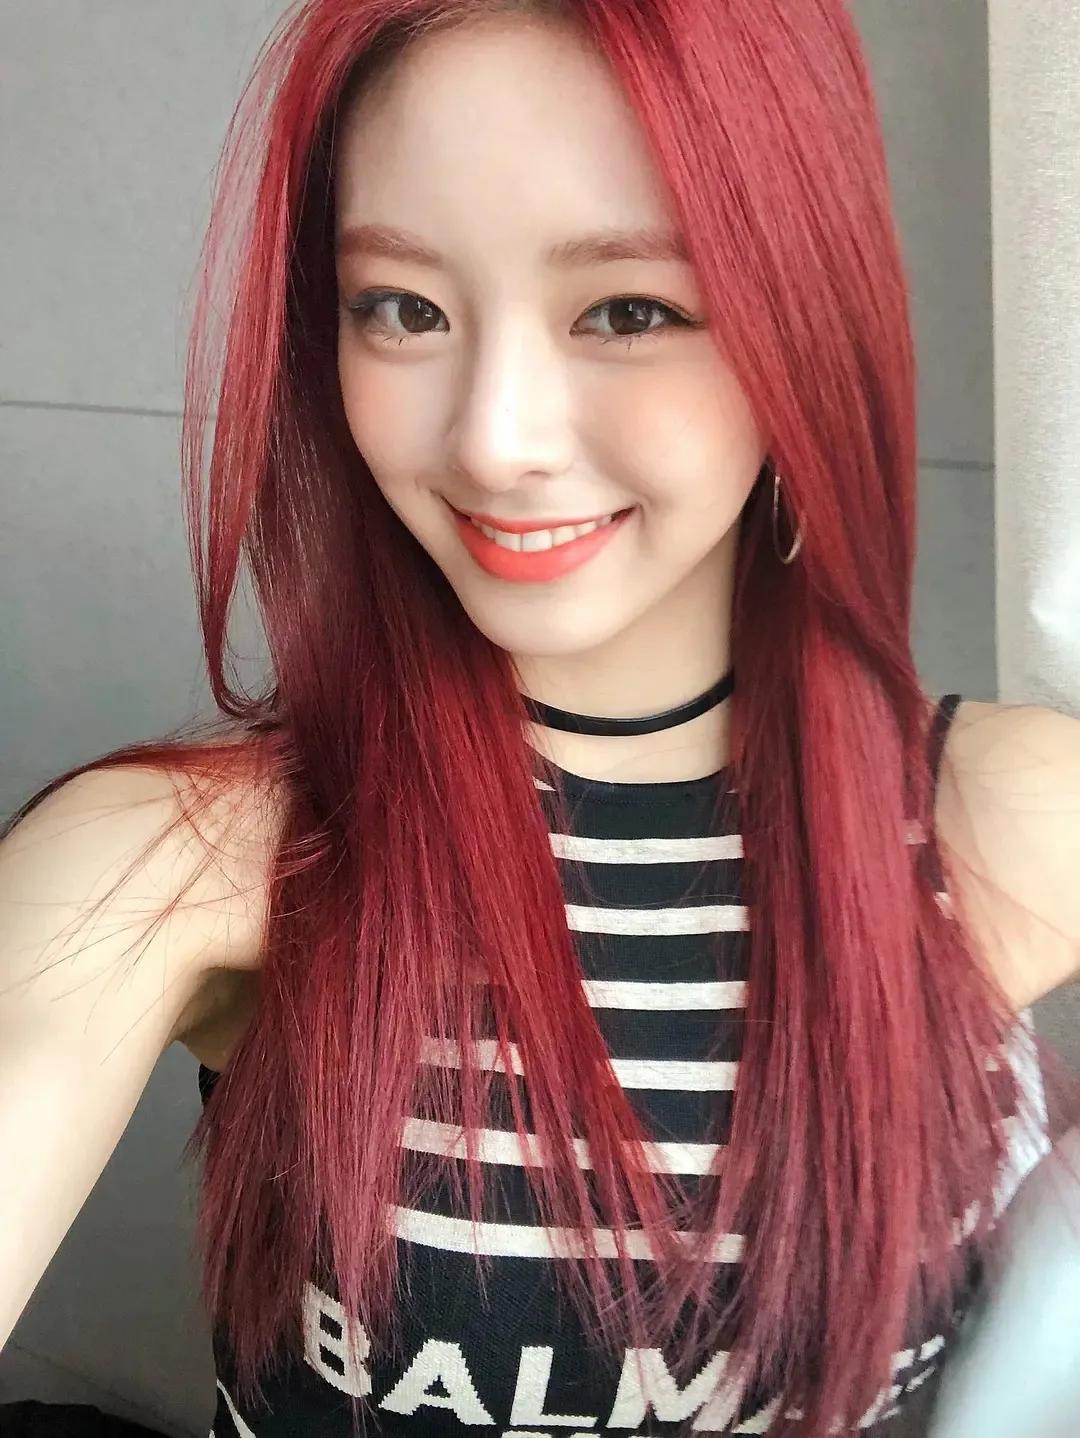 看她这一头红发,不就是现实版的人鱼公主吗?